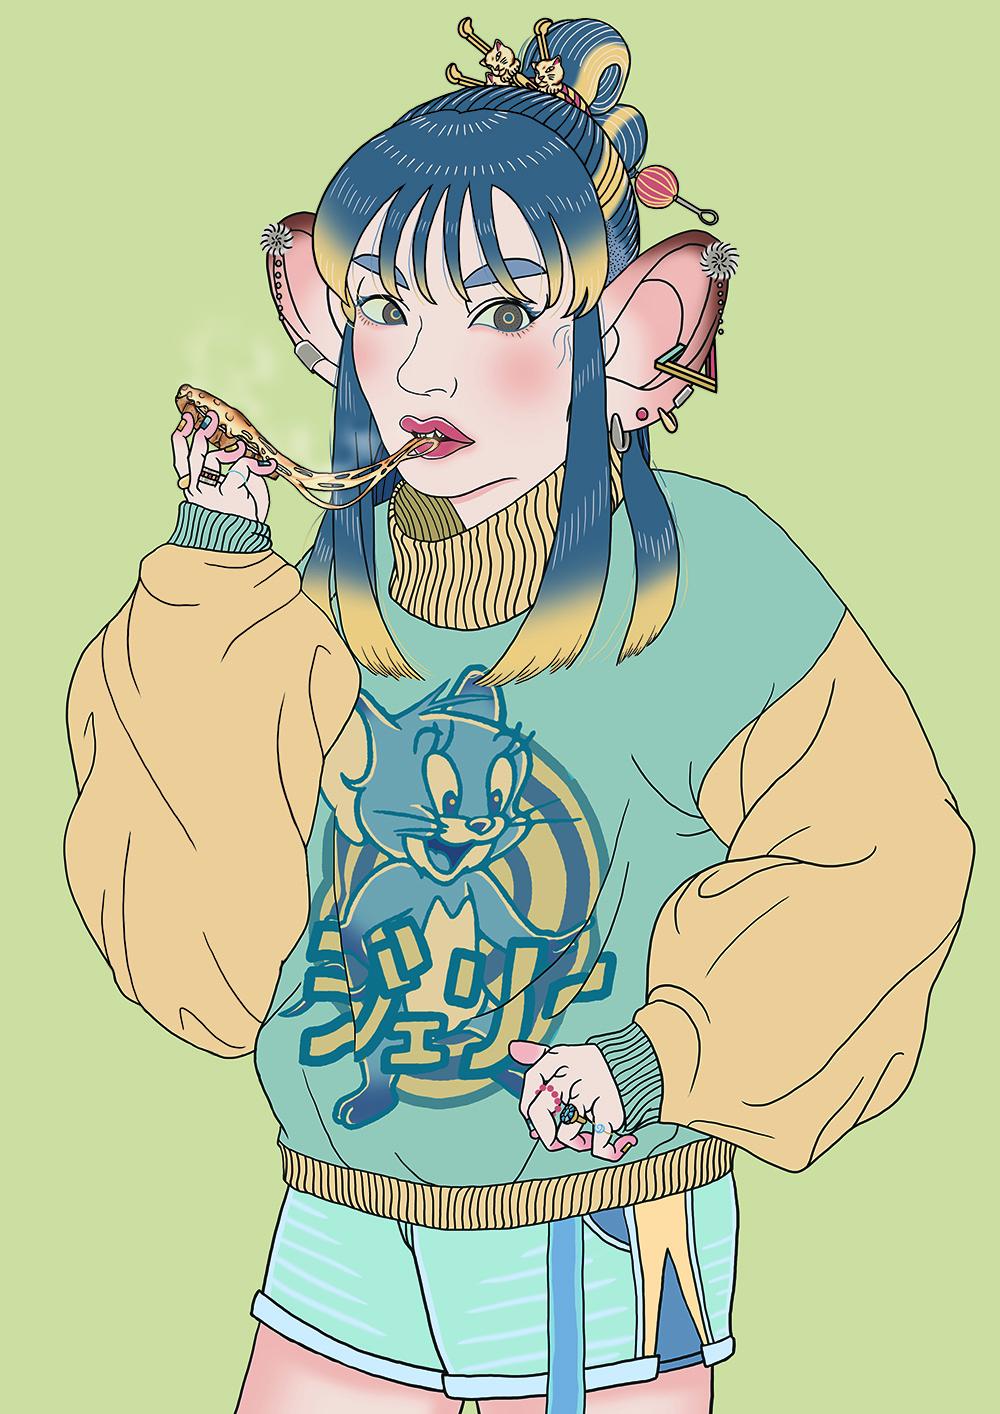 ねずみ 擬人化 女の子 かわいい キャラクター イラスト イラストレーター 絵 ねずみ年